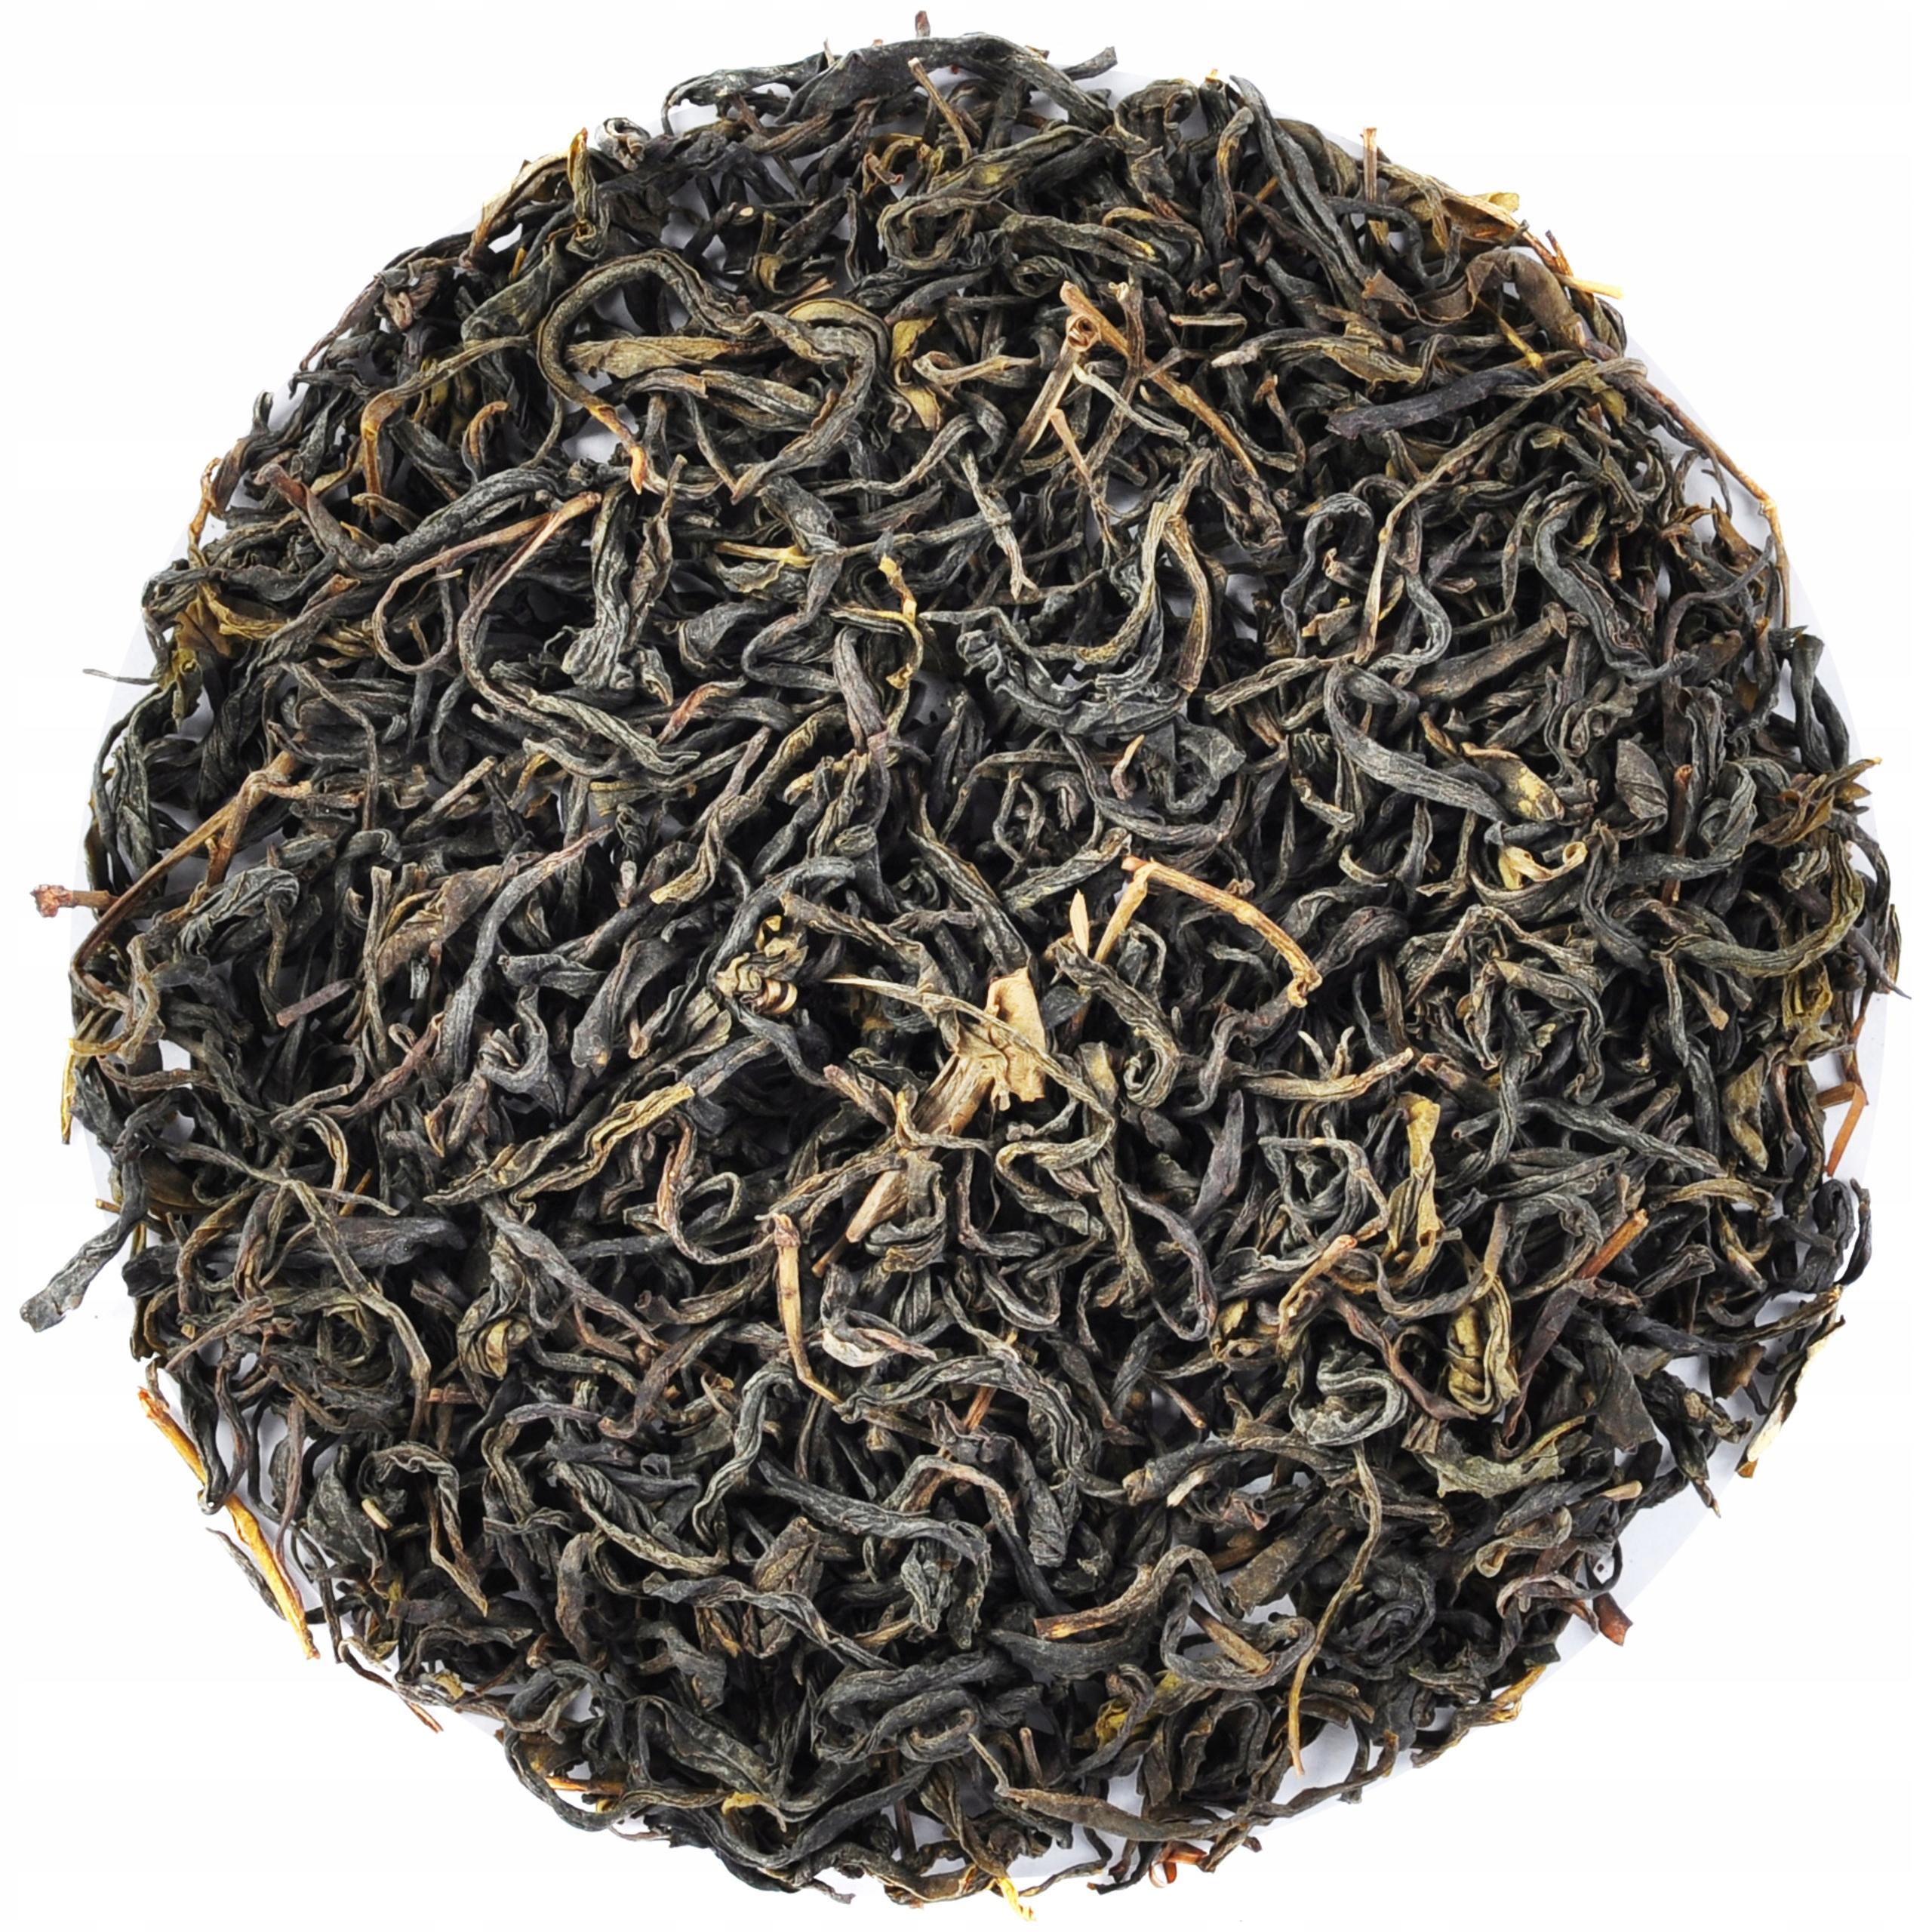 ЖЕЛТЫЙ ЧАЙ HUANG XIAO TEA Желтый чай 100гр HIT